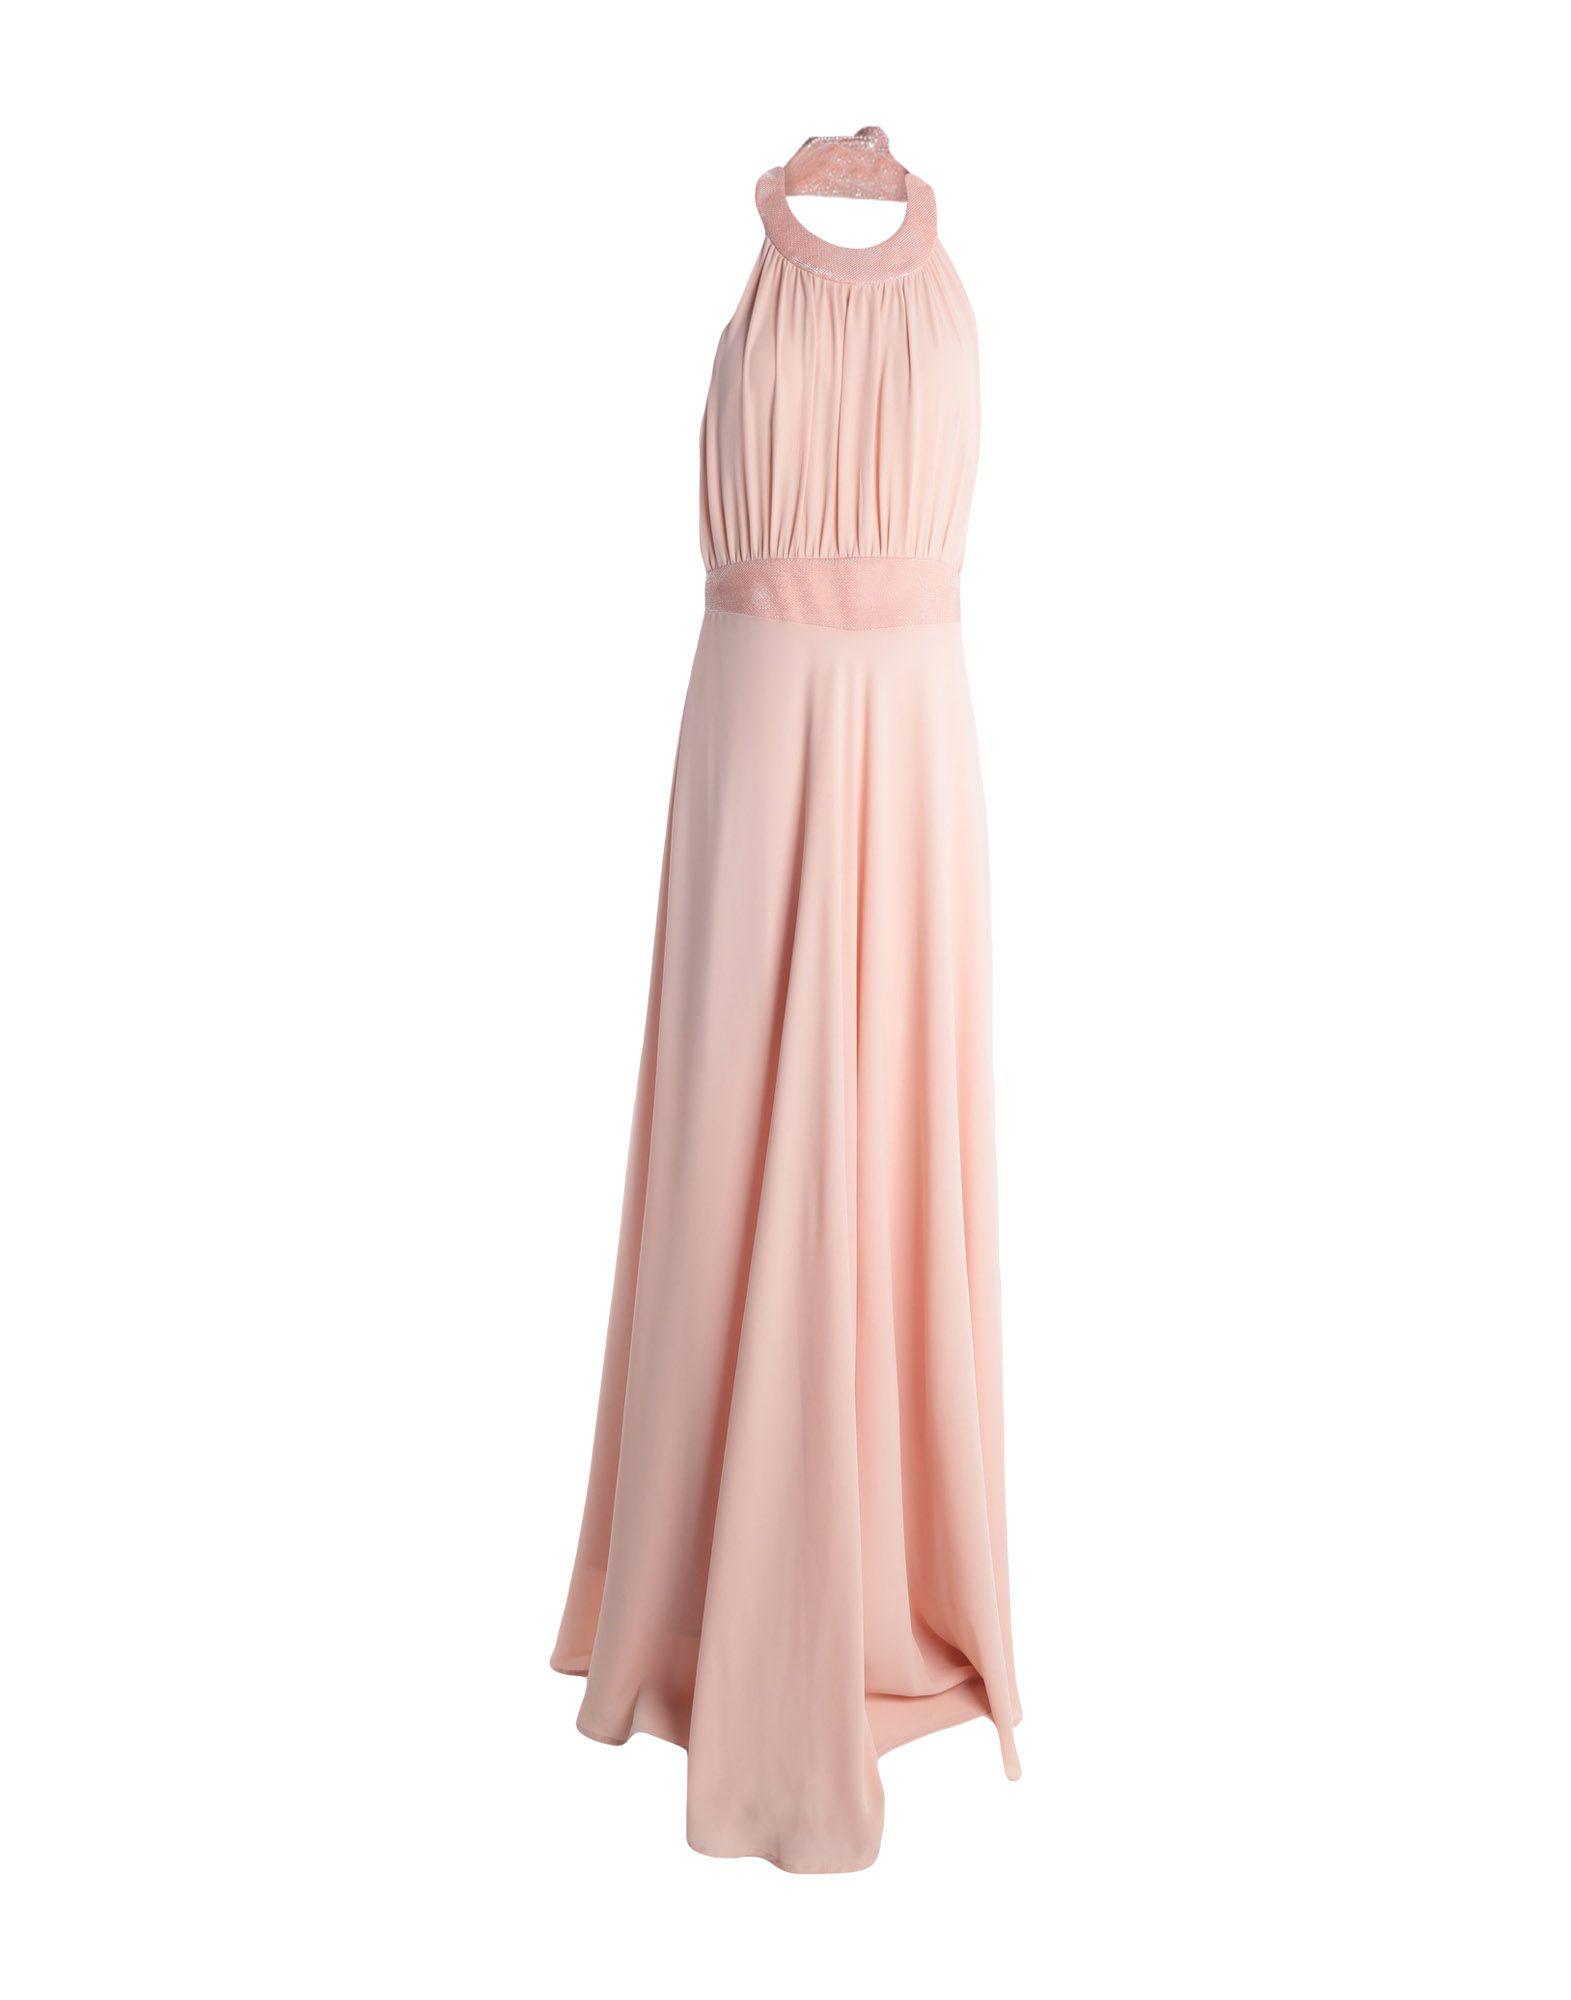 《送料無料》TUWE ITALIA レディース ロングワンピース&ドレス ピンク 42 ポリエステル 100%